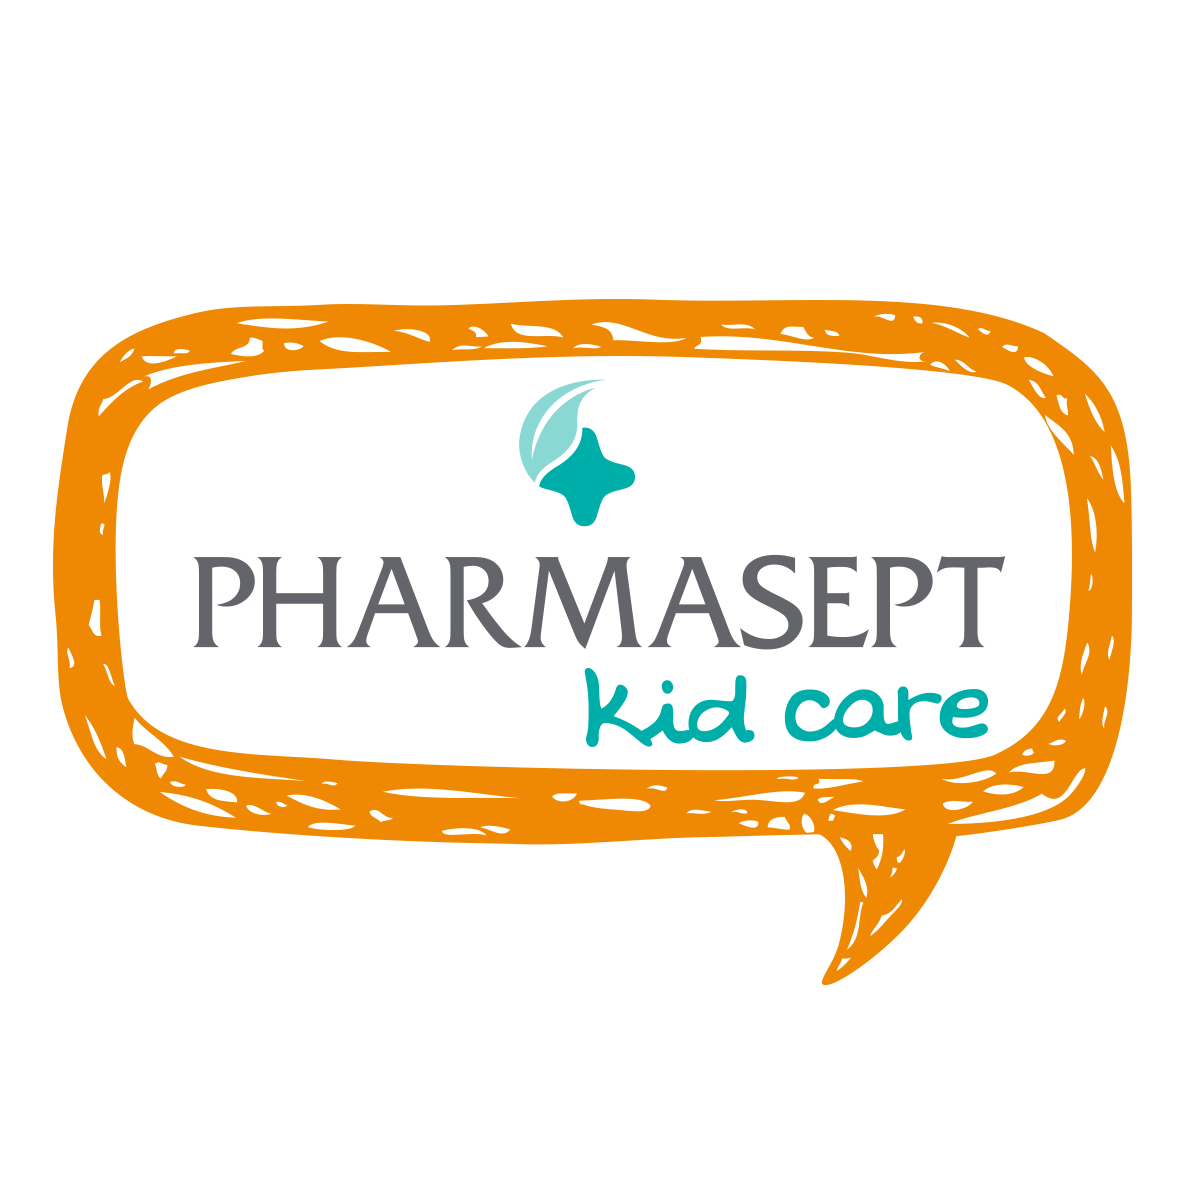 Η Pharmasept δημιουργεί την πρώτη φυσική σειρά περιποίησης για παιδιά και εφήβους